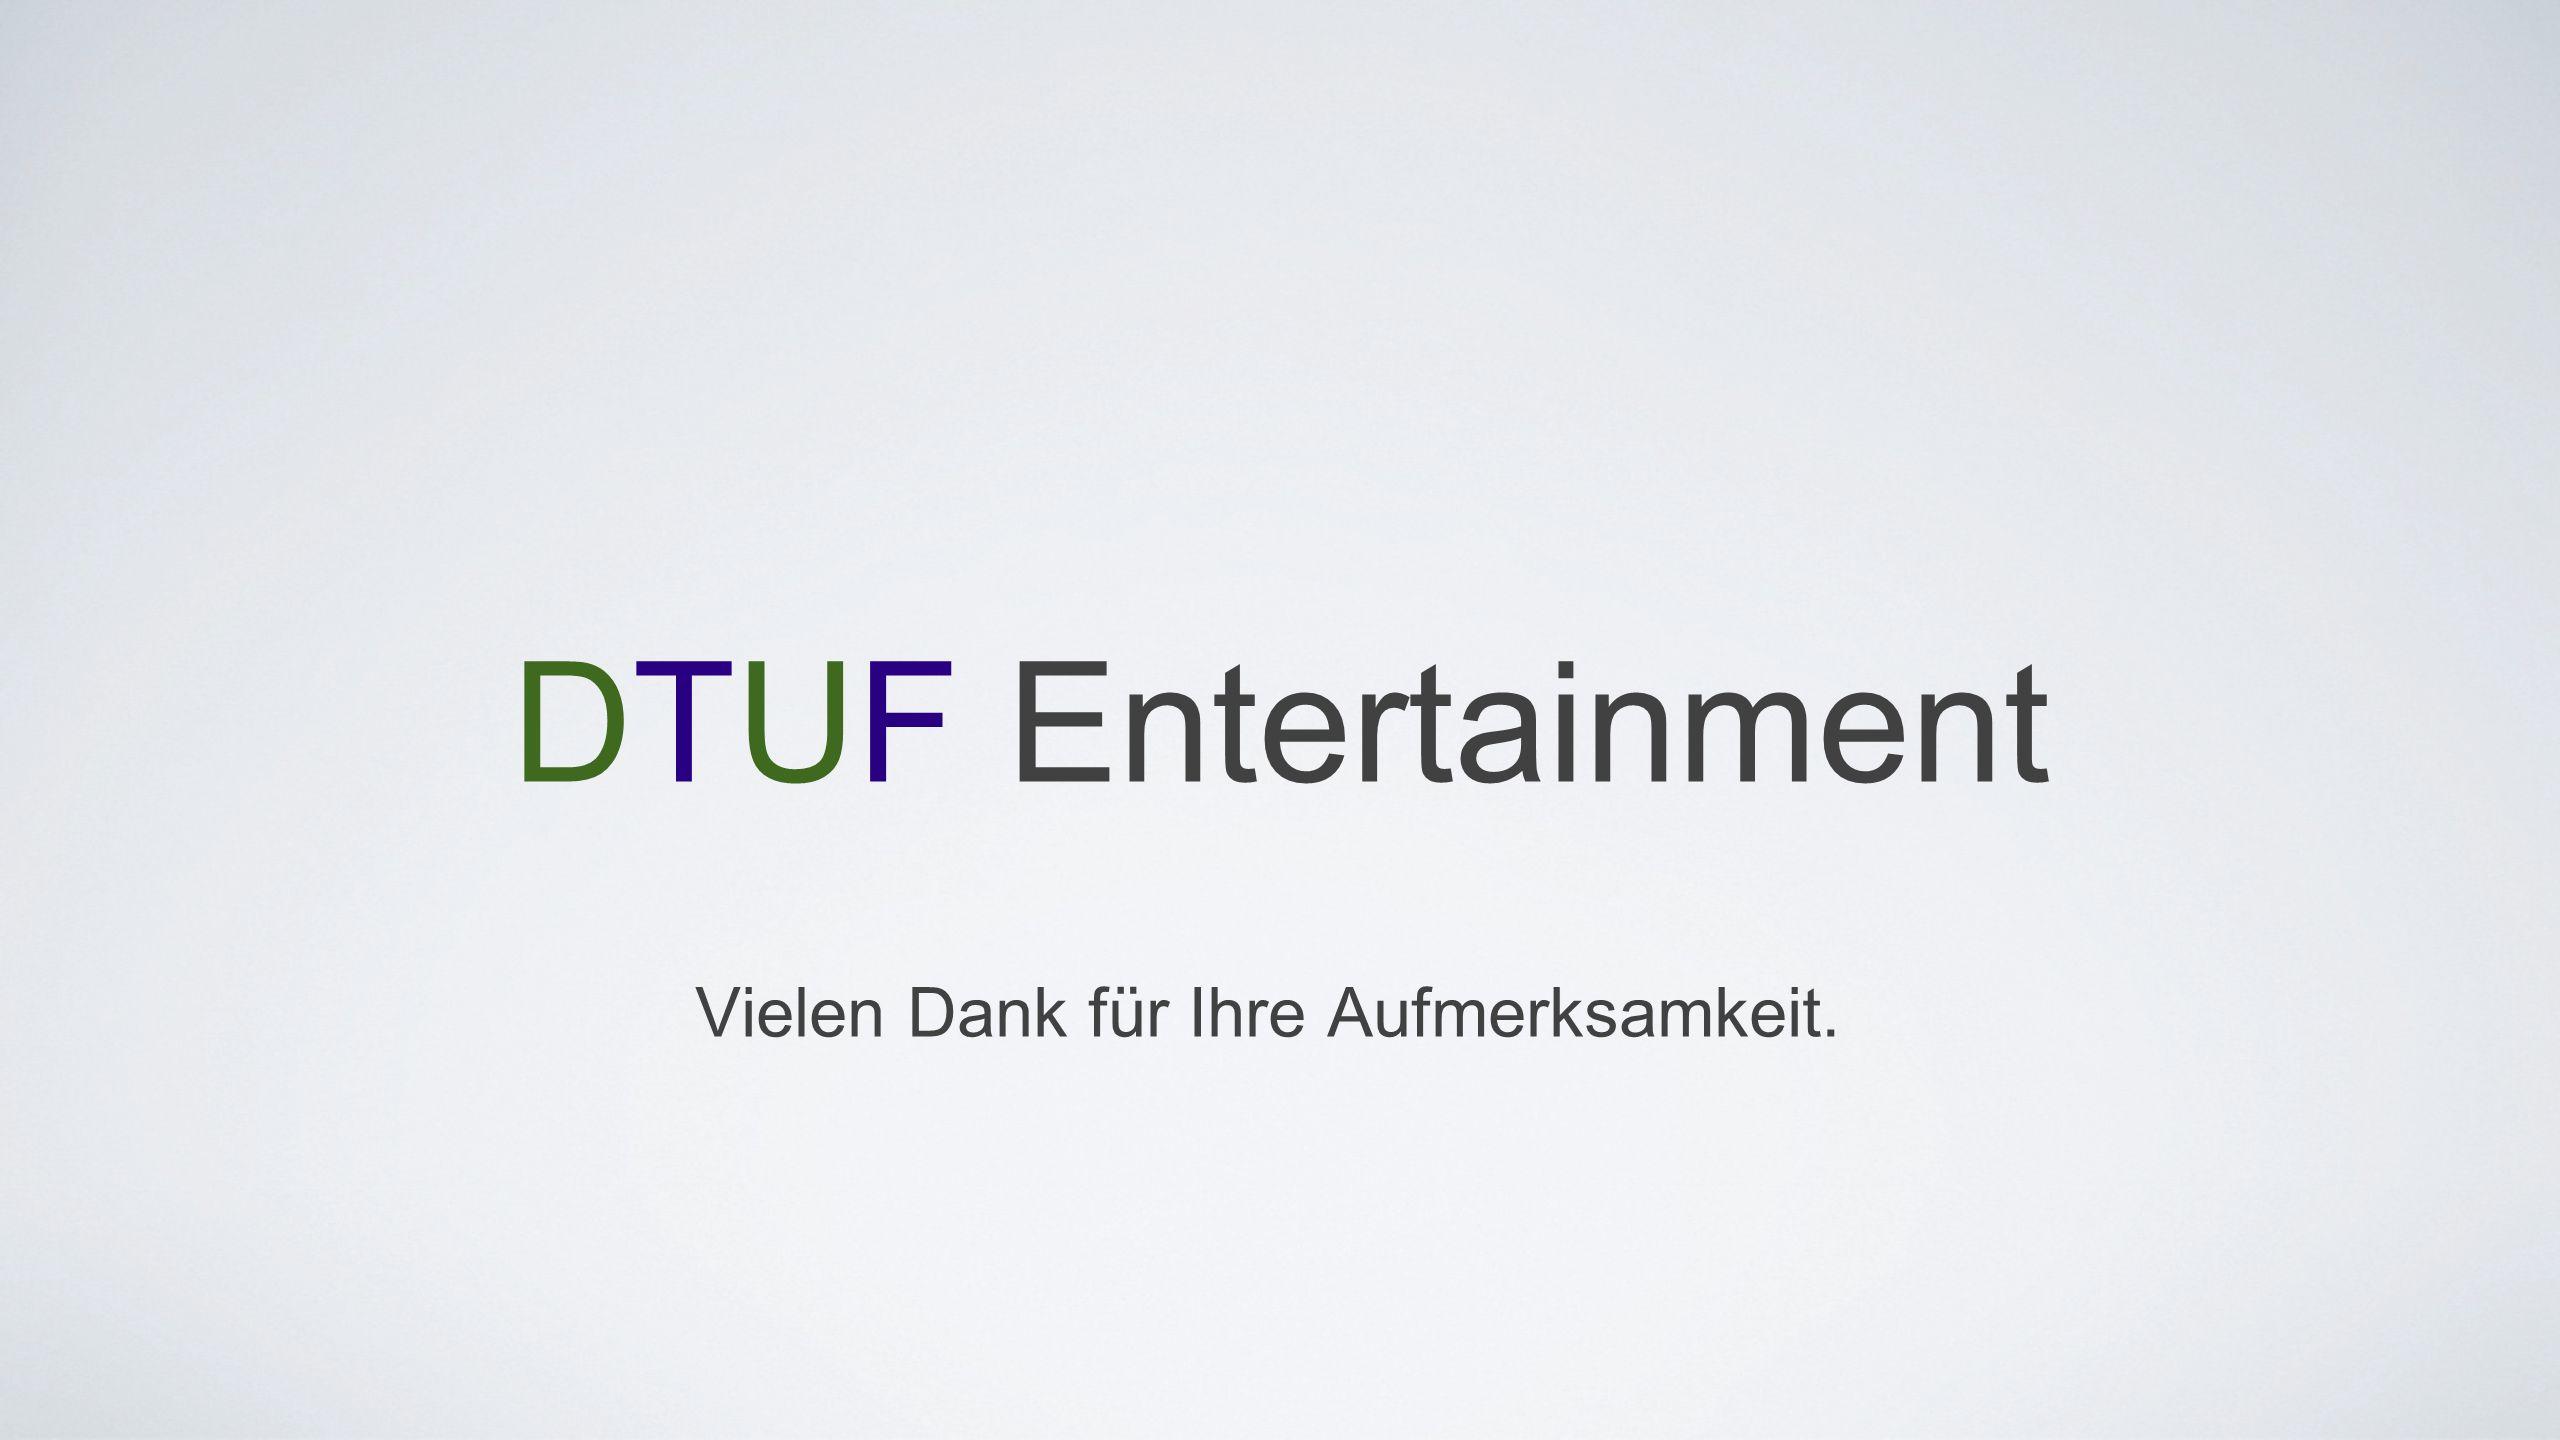 DTUF Entertainment Vielen Dank für Ihre Aufmerksamkeit.